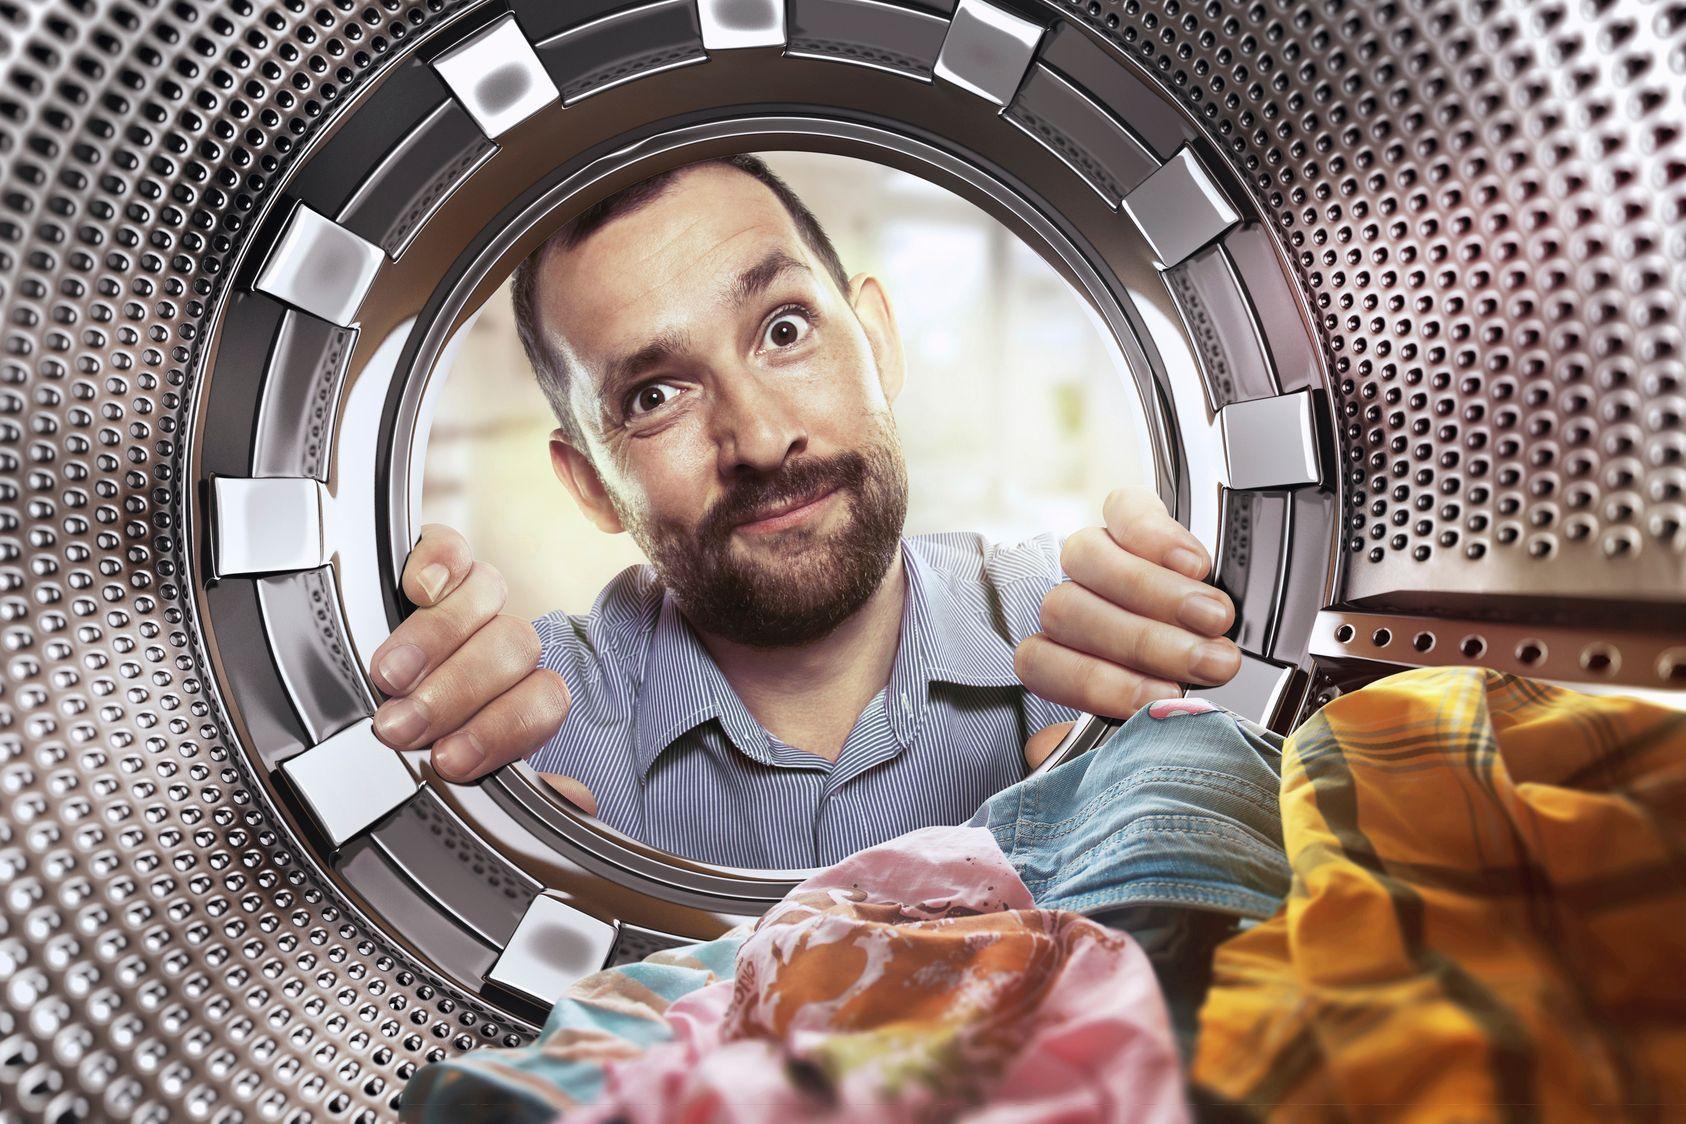 Vinaigre Blanc Dans La Machine A Laver nettoyer son lave-linge